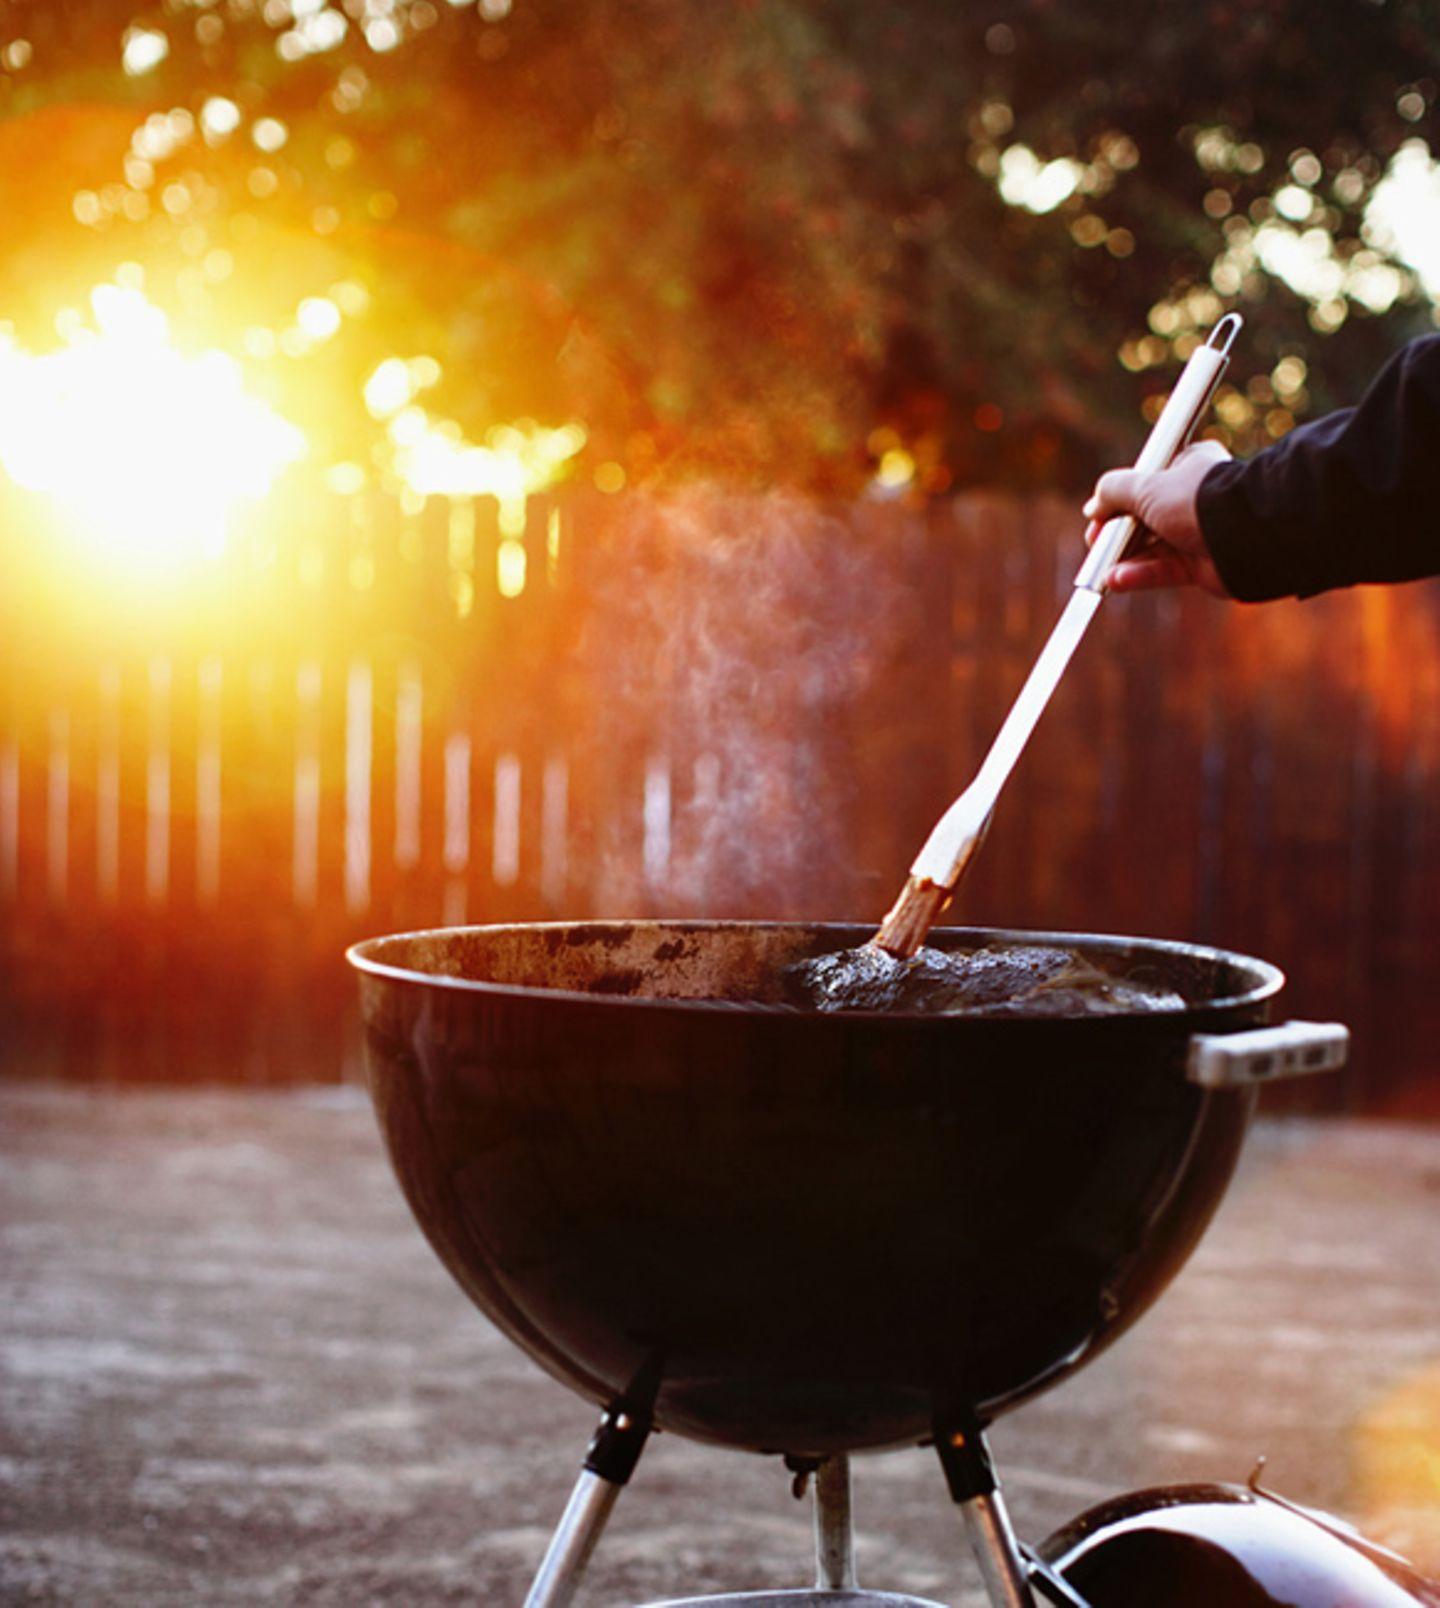 Entstehen beim Grillen krebserregende Stoffe?